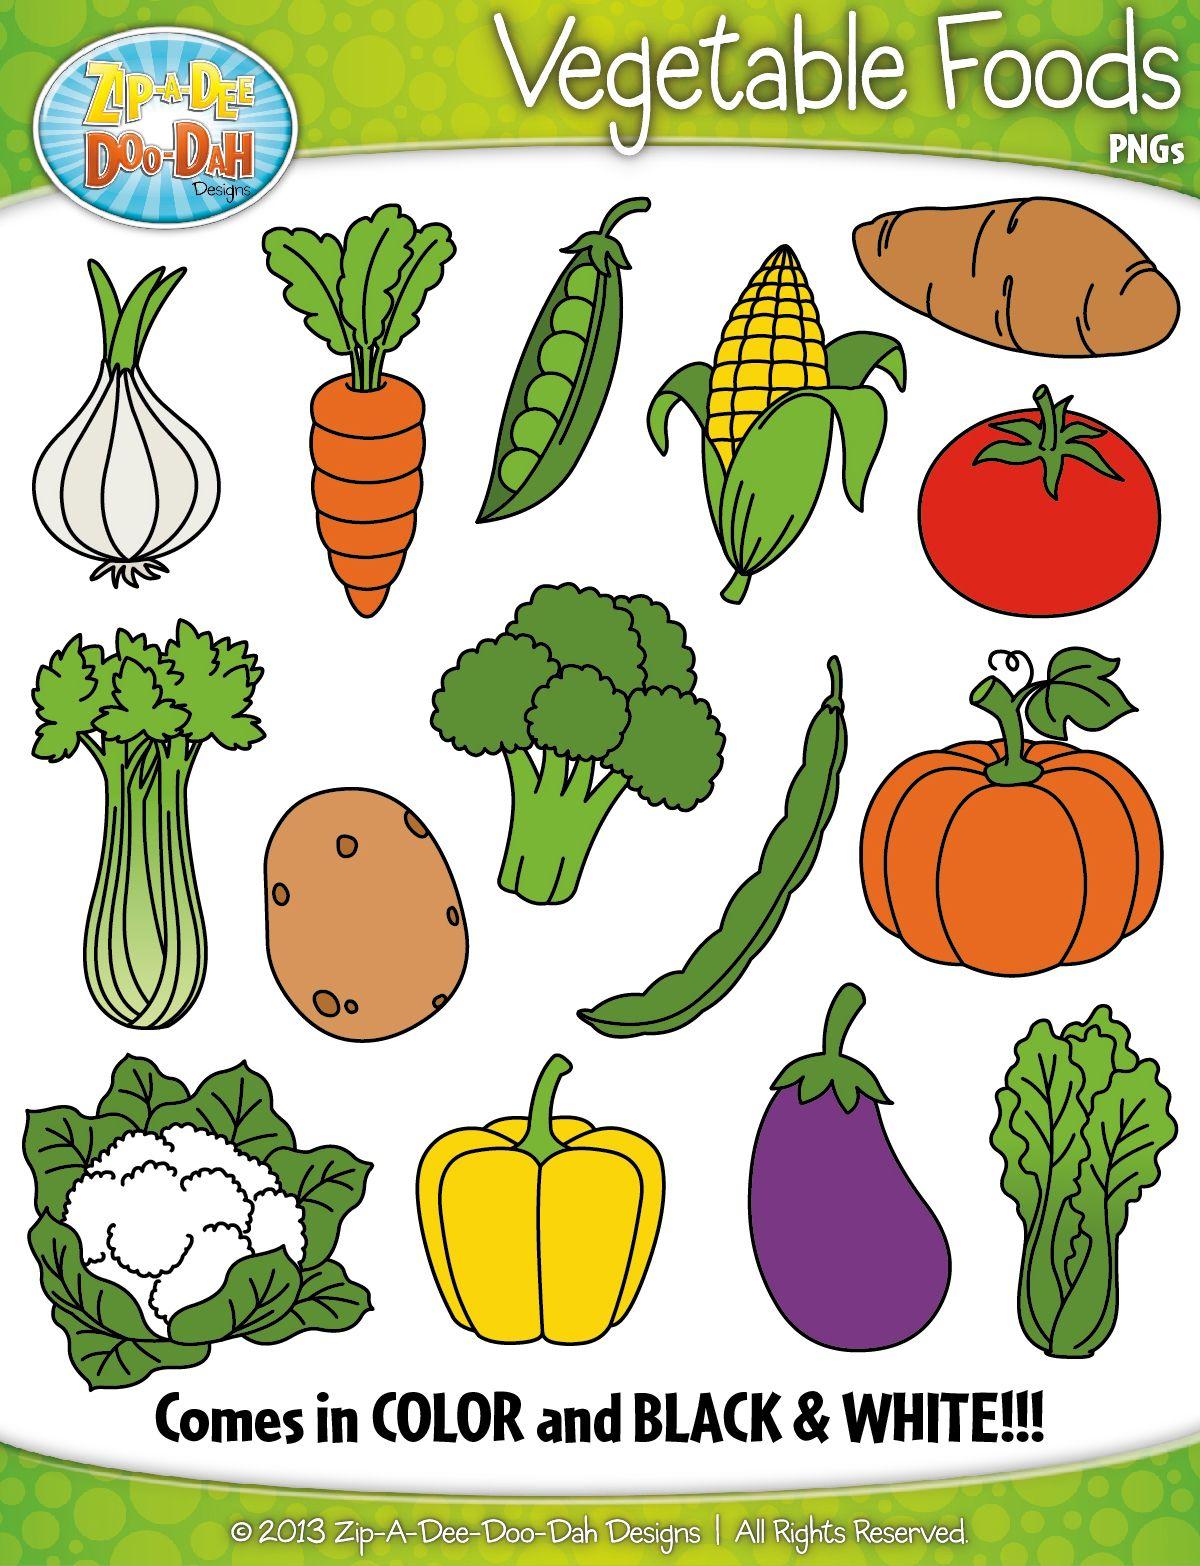 Vegetables clipart preschool. Vegetable foods zip a